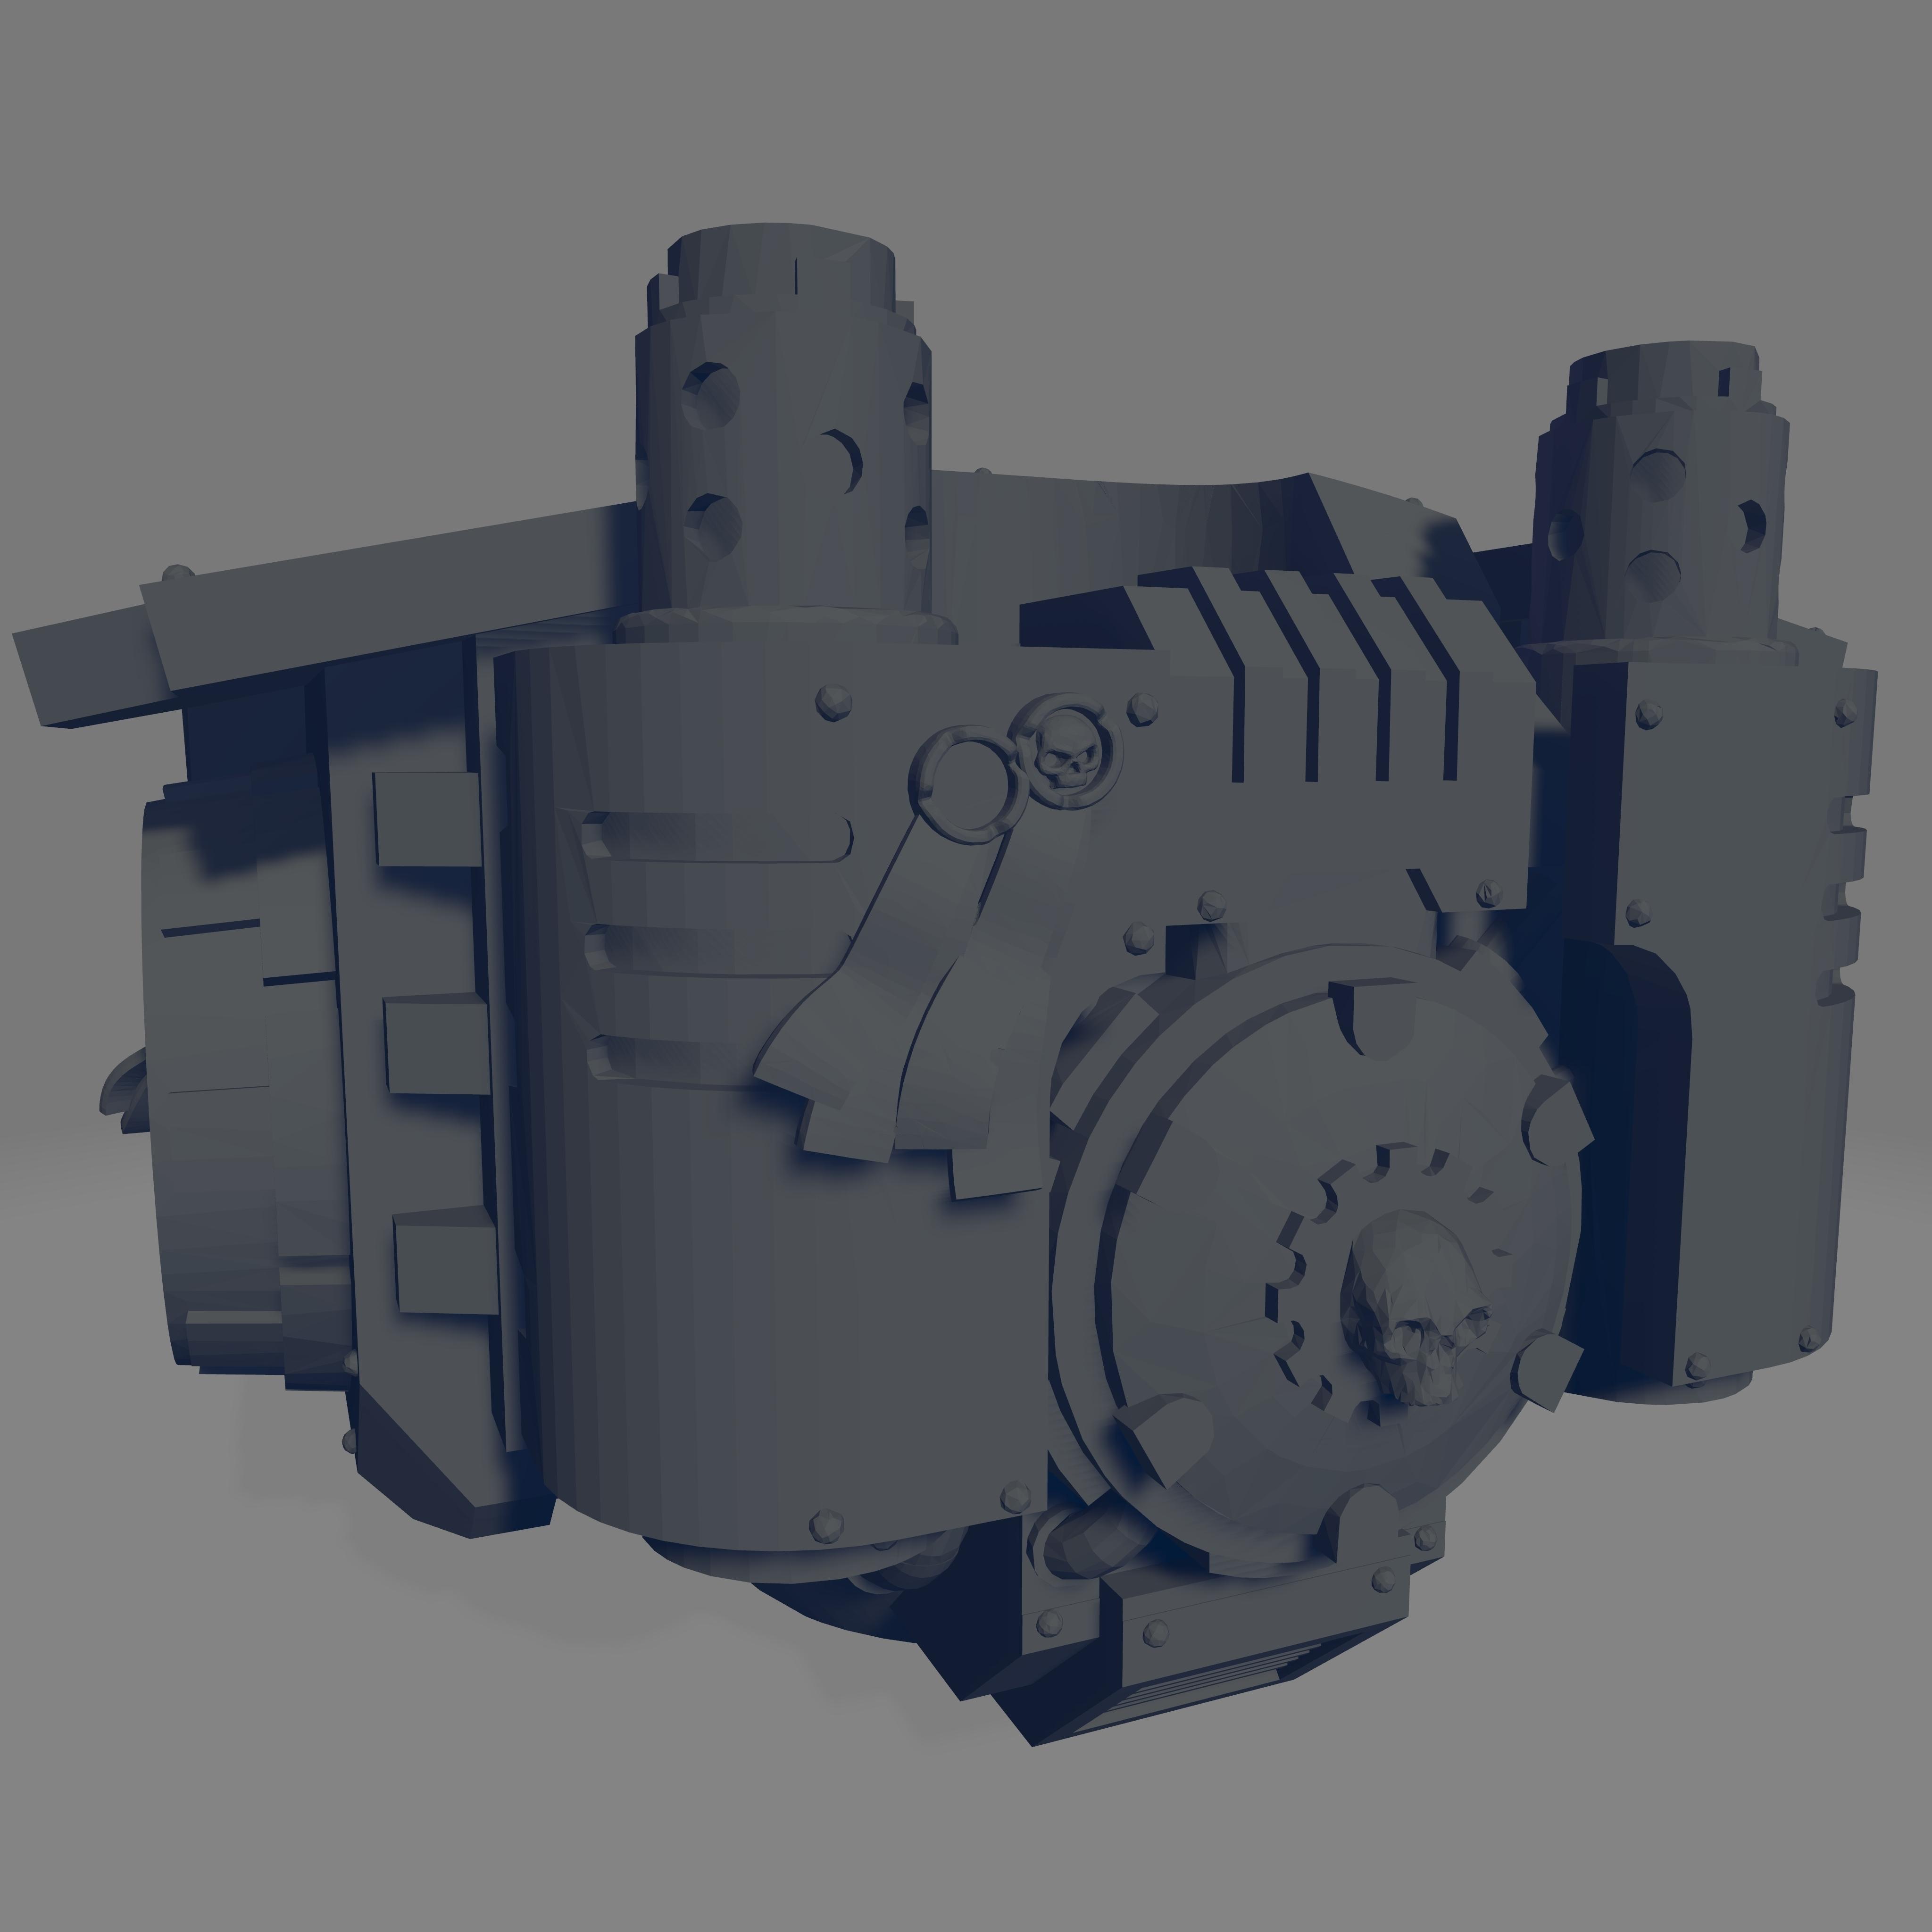 Dark Crusader Redmption Mausoleum - Torso 2.jpg Download free STL file Dark Crusader Redemption Mausoleum • 3D printer design, GrimmTheMaker